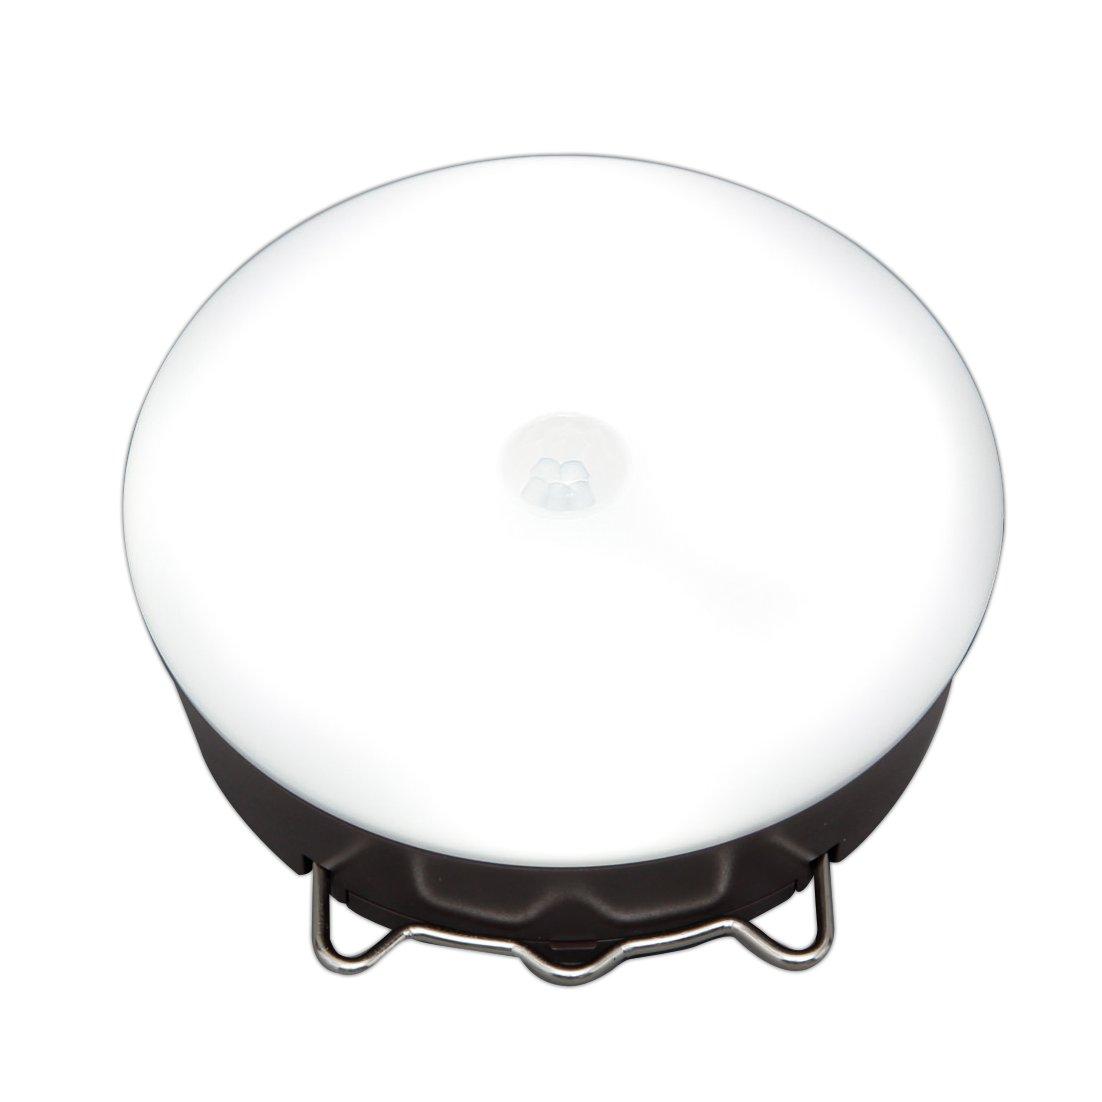 1位.アイリスオーヤマ 乾電池式屋内センサーライト マルチタイプ